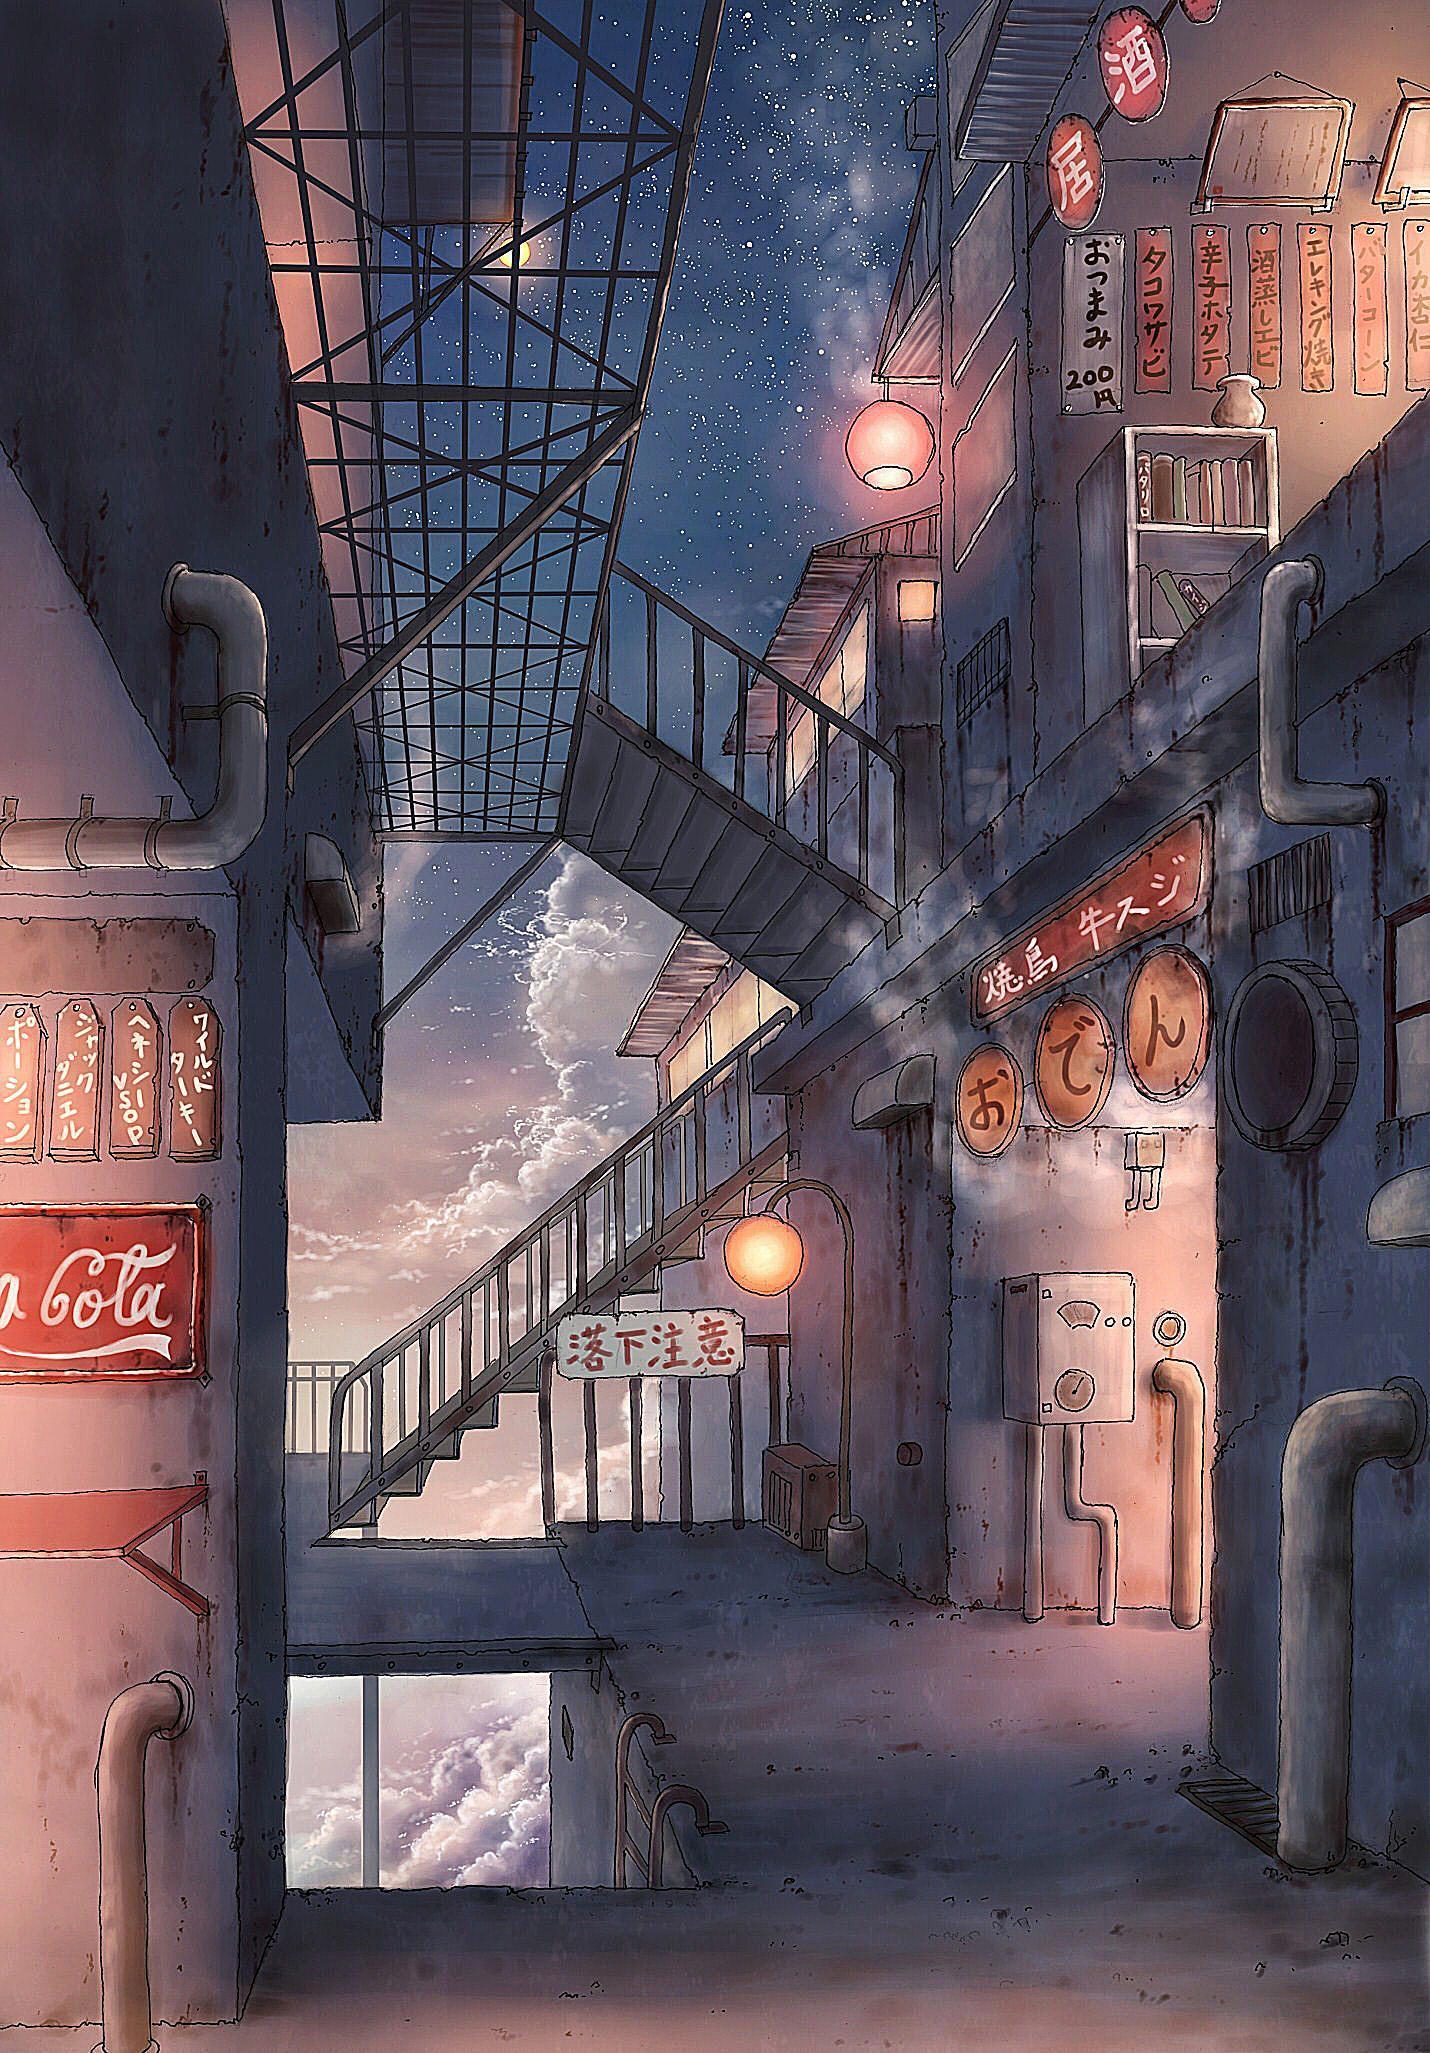 P站画师作品废弃工厂的酒馆胡同